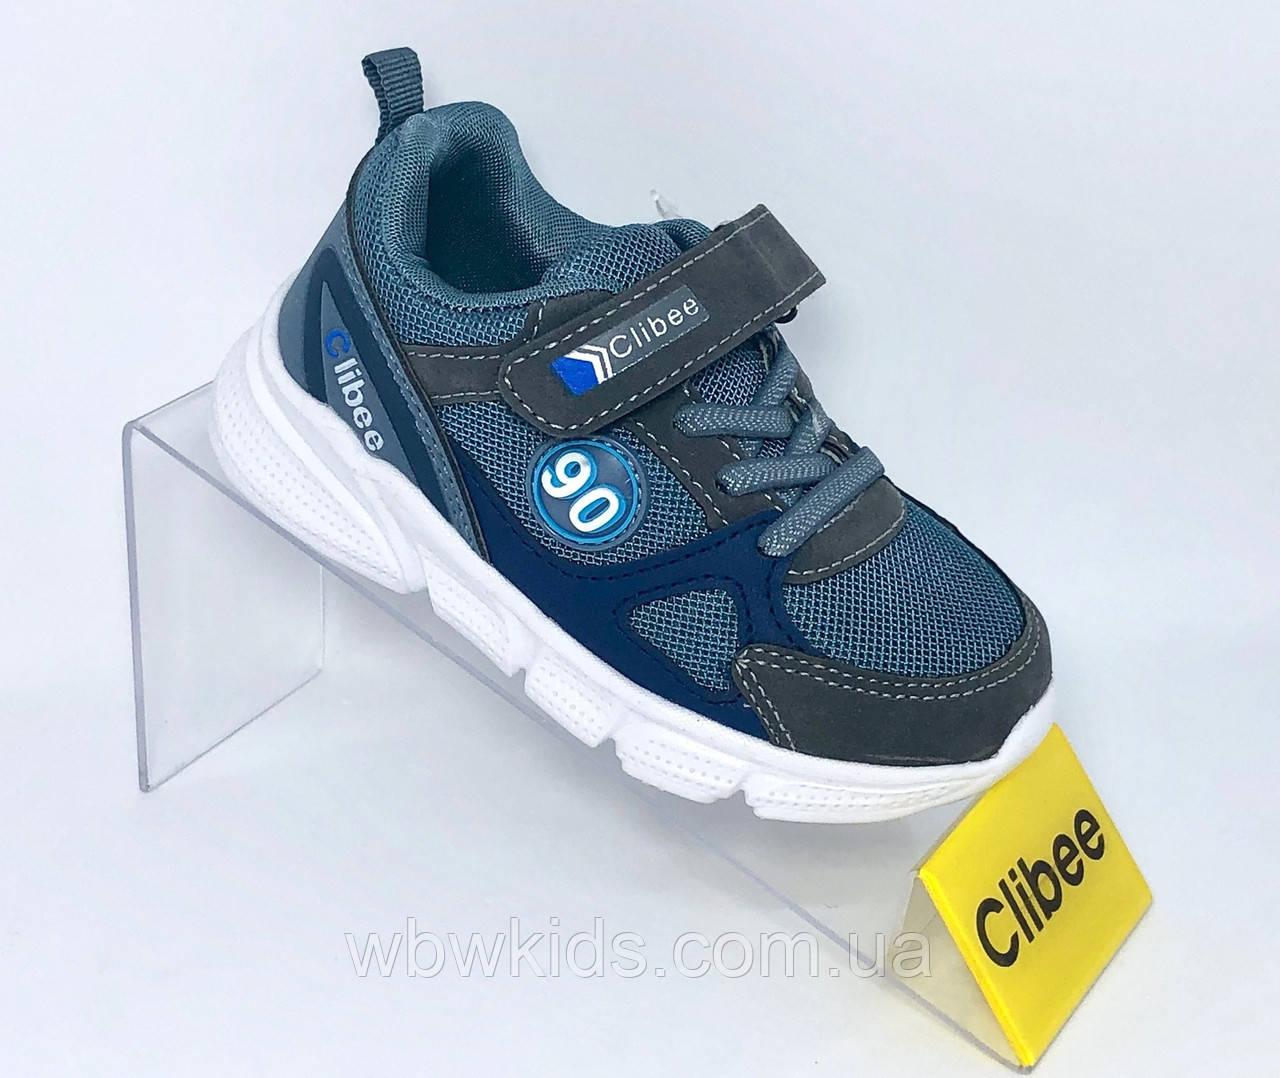 Кросівки Clibee К316 сині джинс